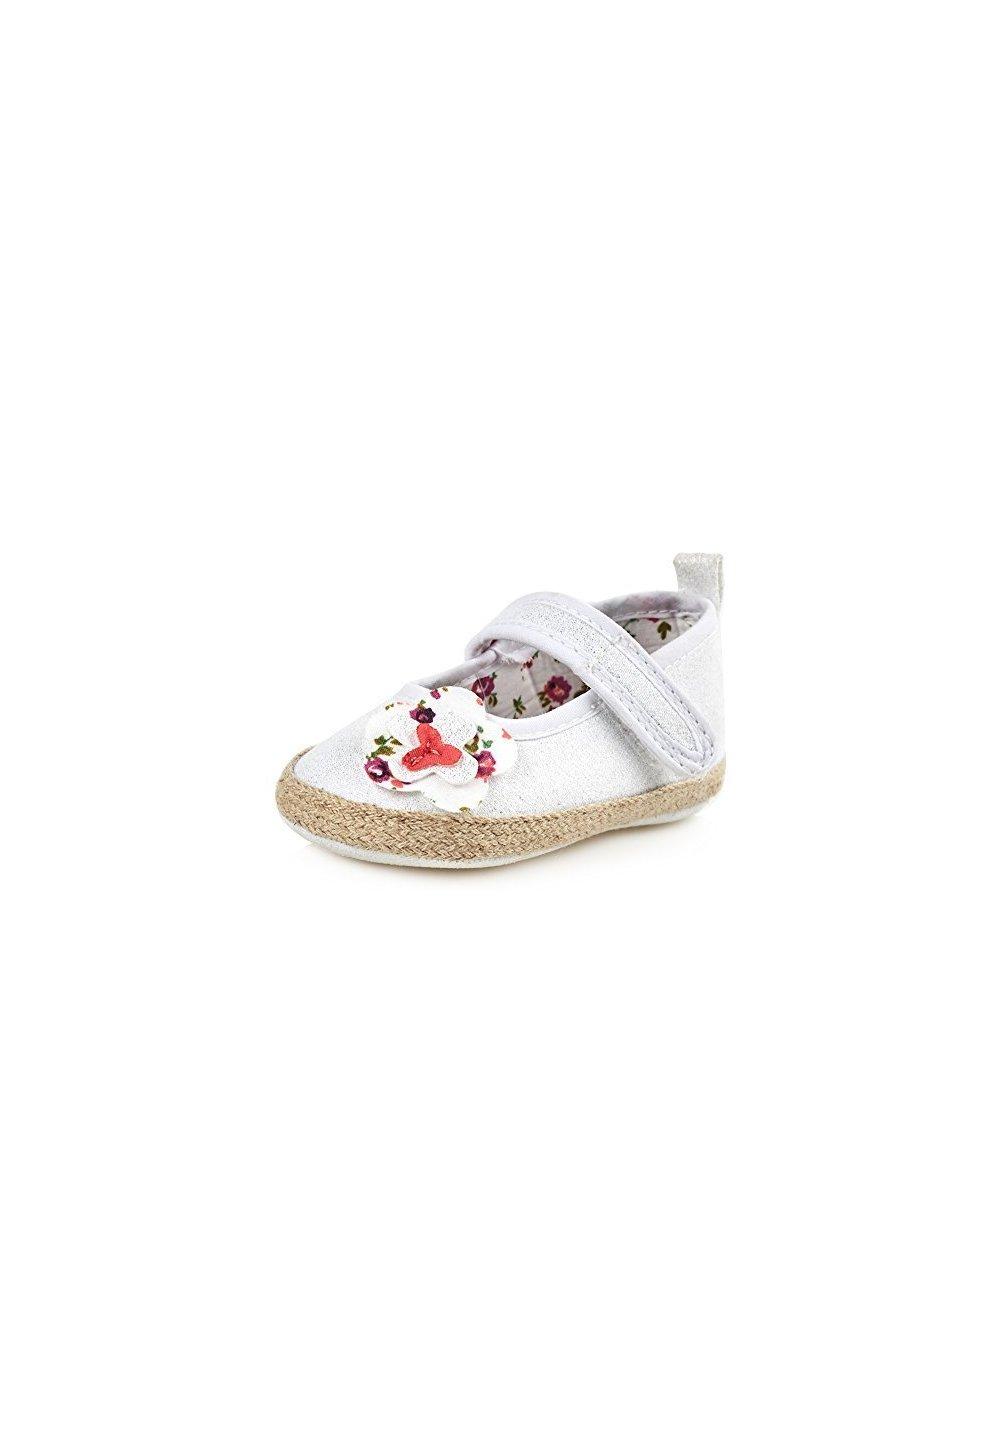 Papucei bebe, albi cu floricica si scai imagine